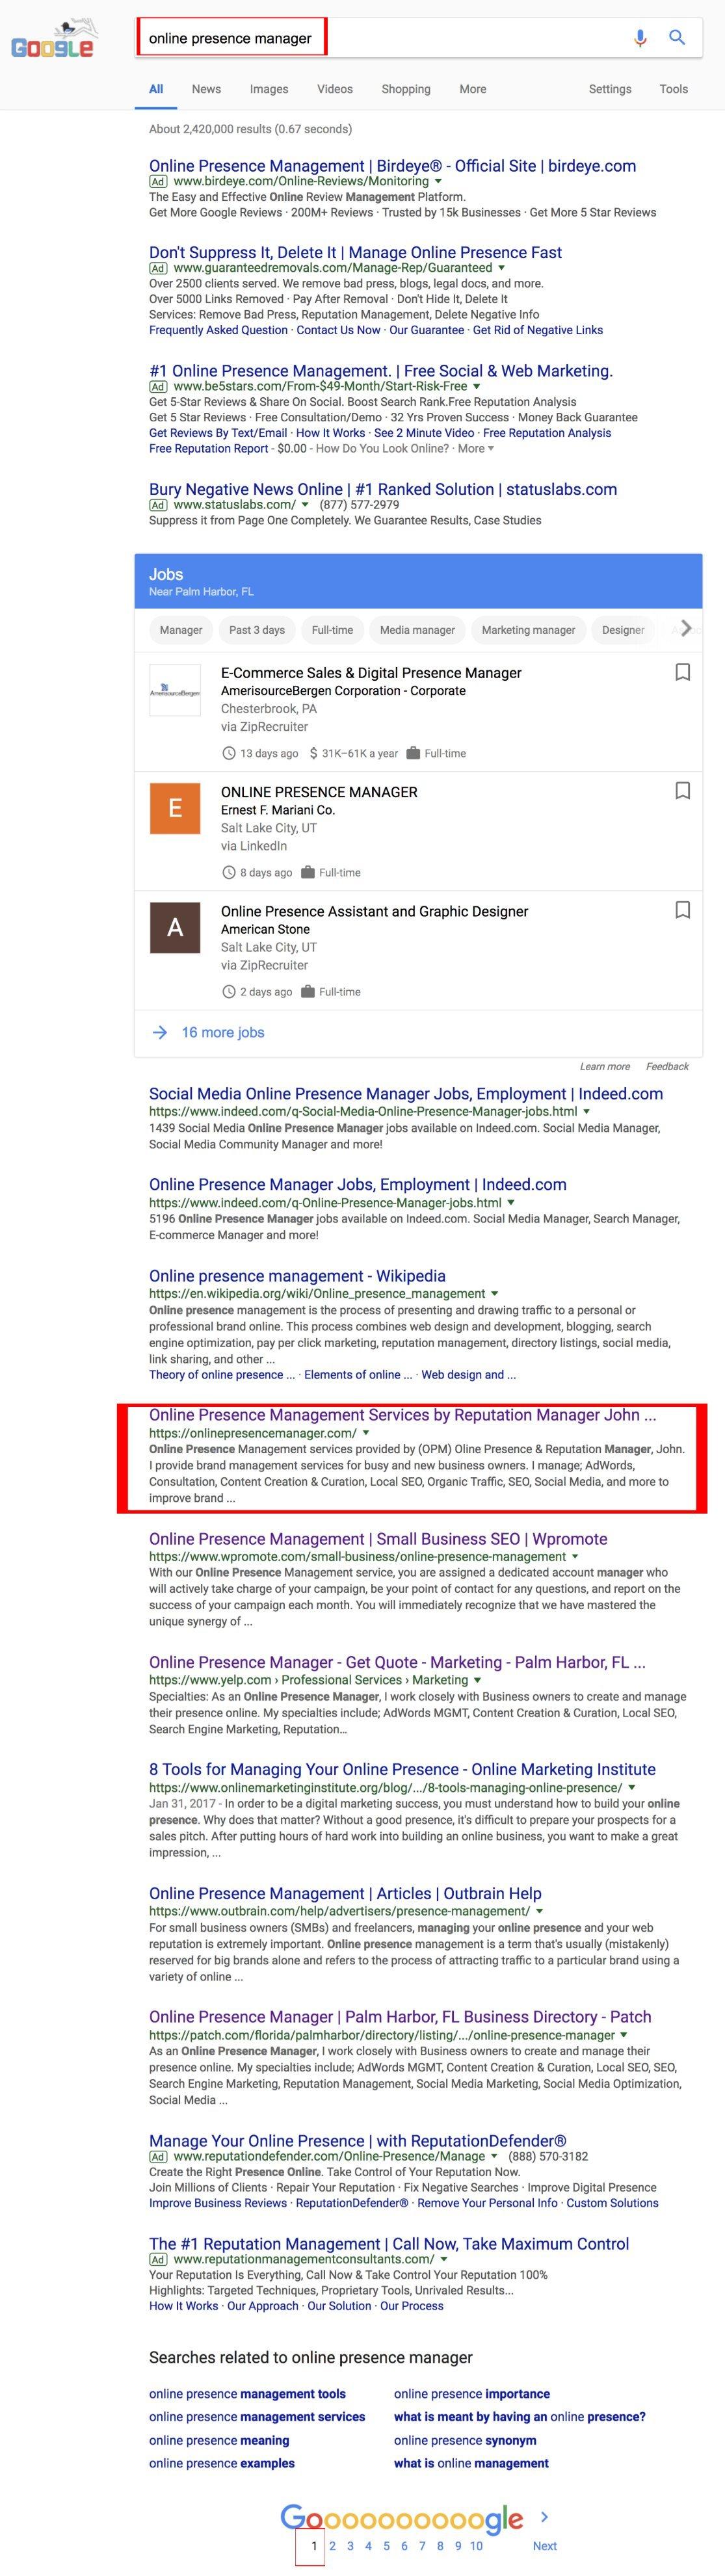 Google online presence manager